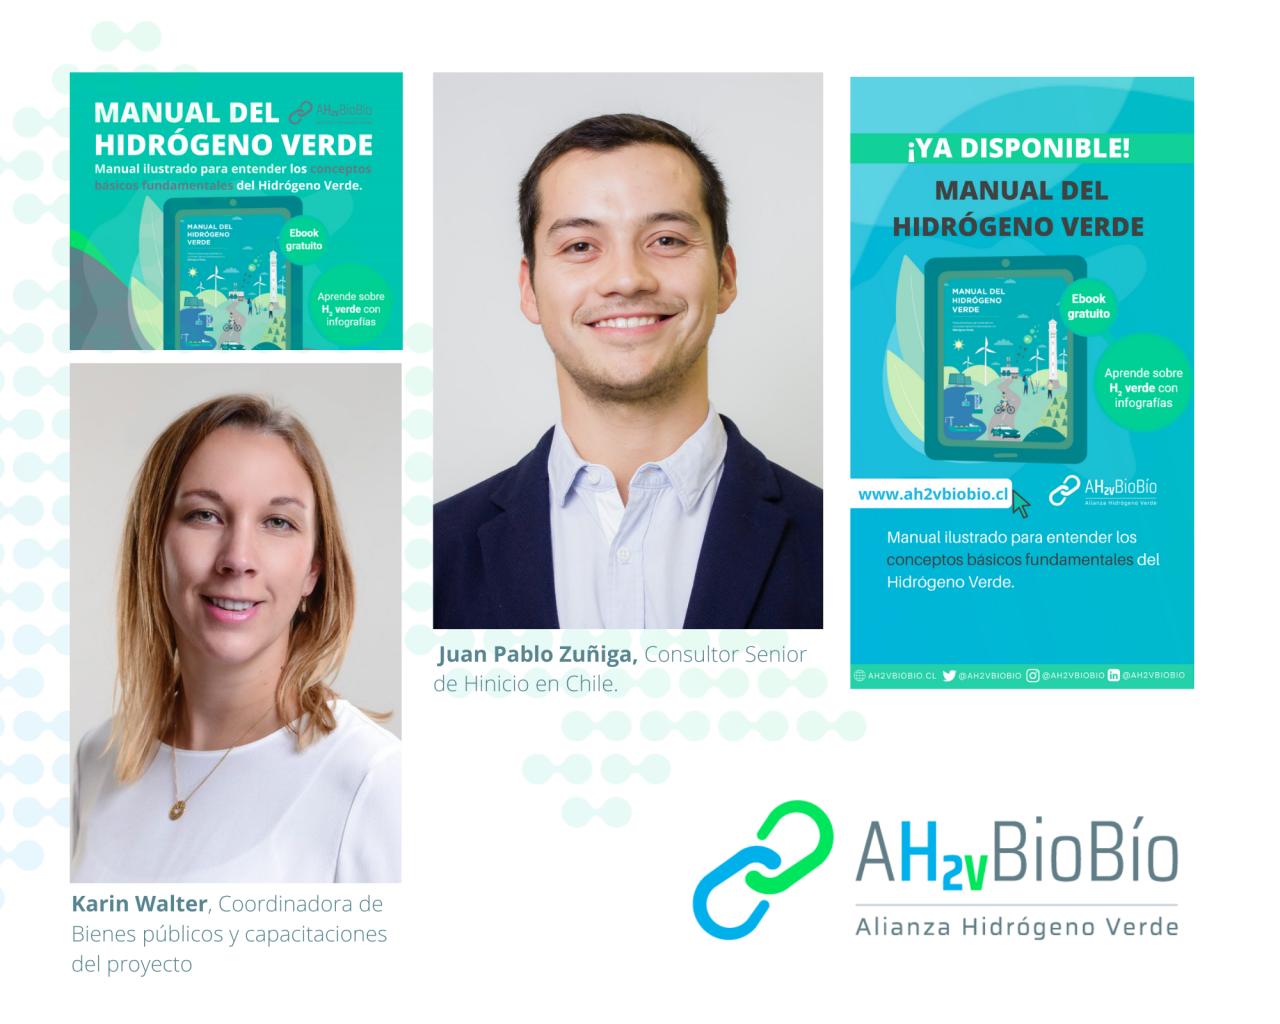 Desde la Región del Biobio se lanzó el primer manual ilustrado del H2 Verde